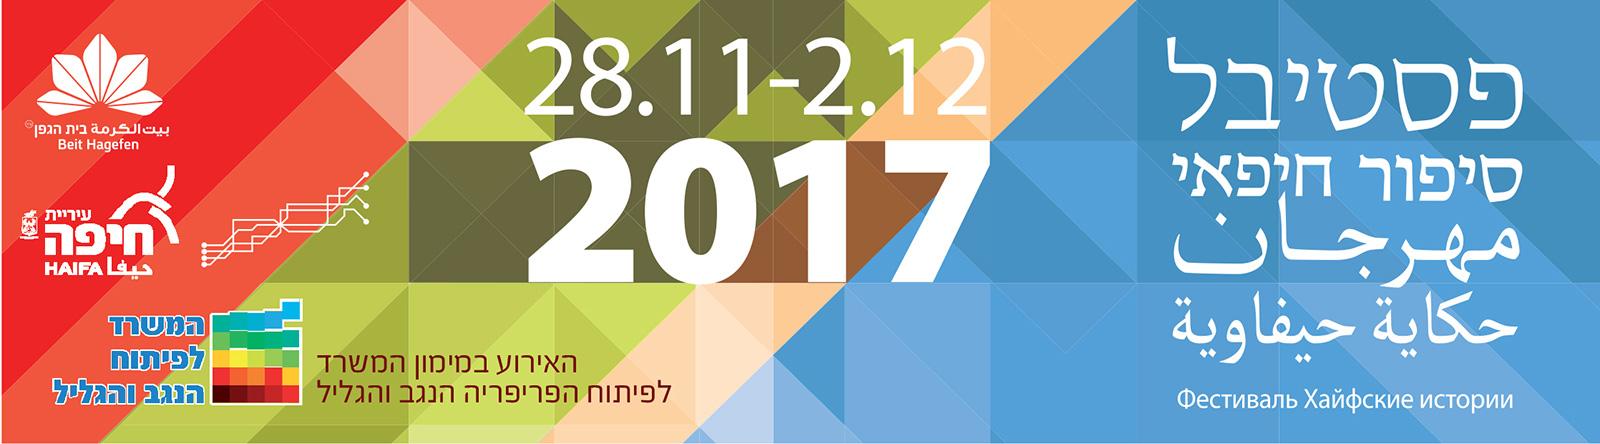 פסטיבל סיפור חיפאי | مهرجان حكاية حيفاوية